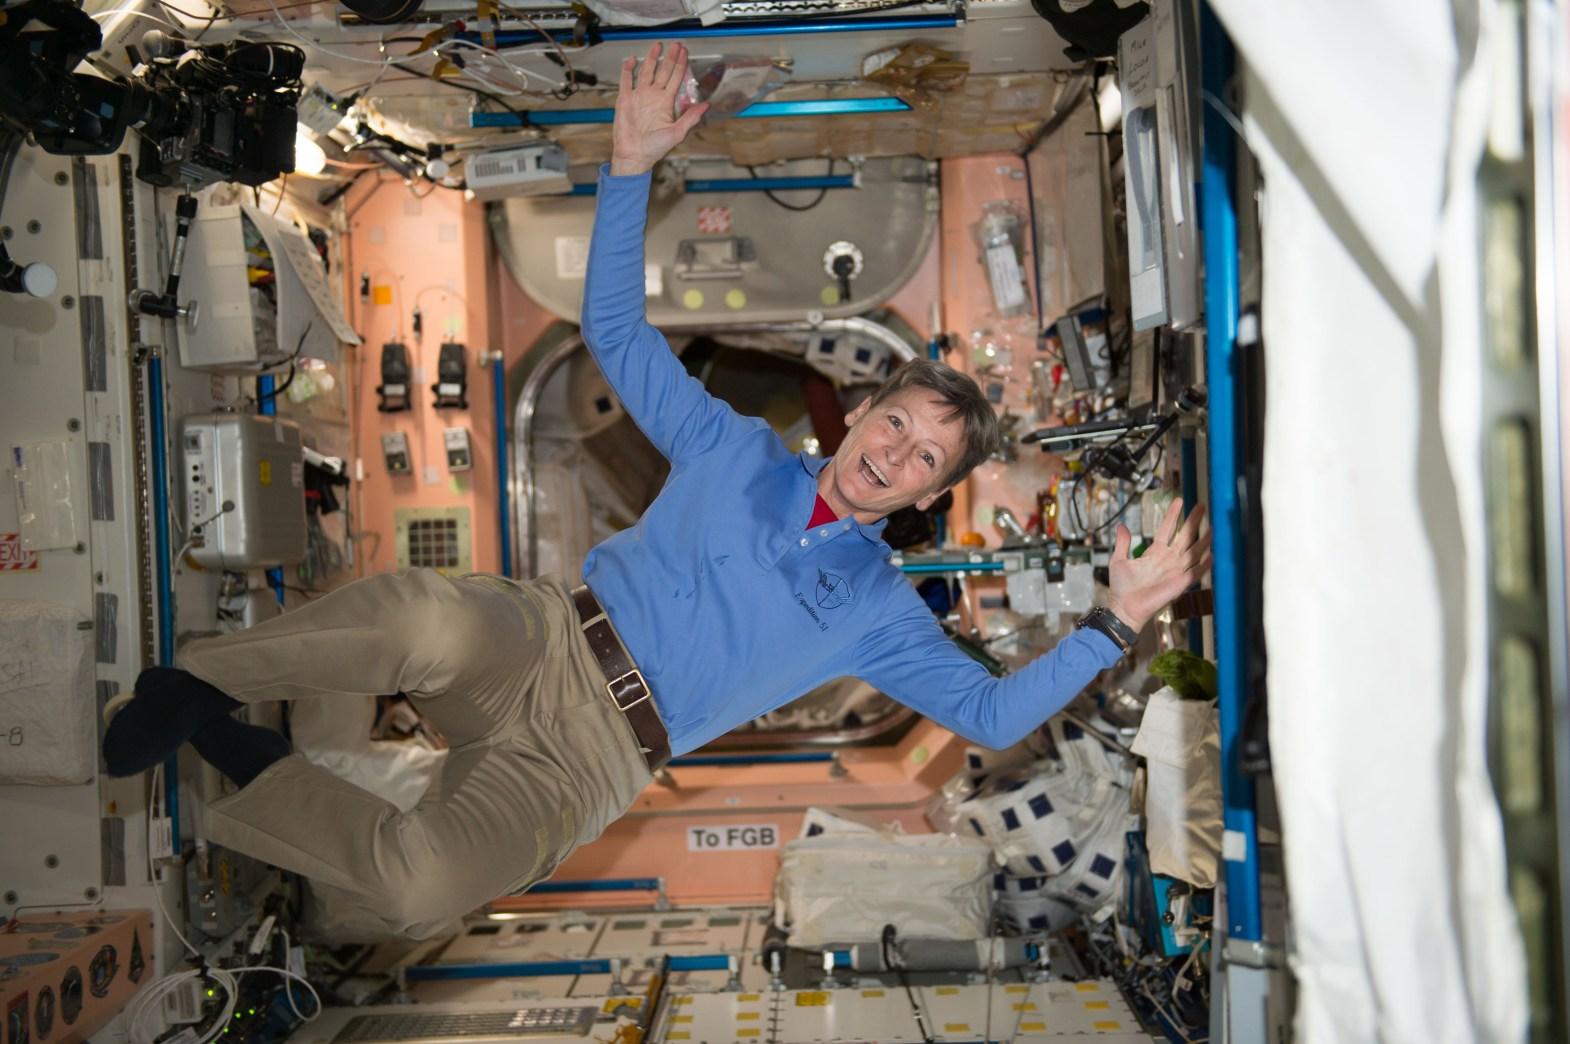 NASA astronaut Peggy Whitson